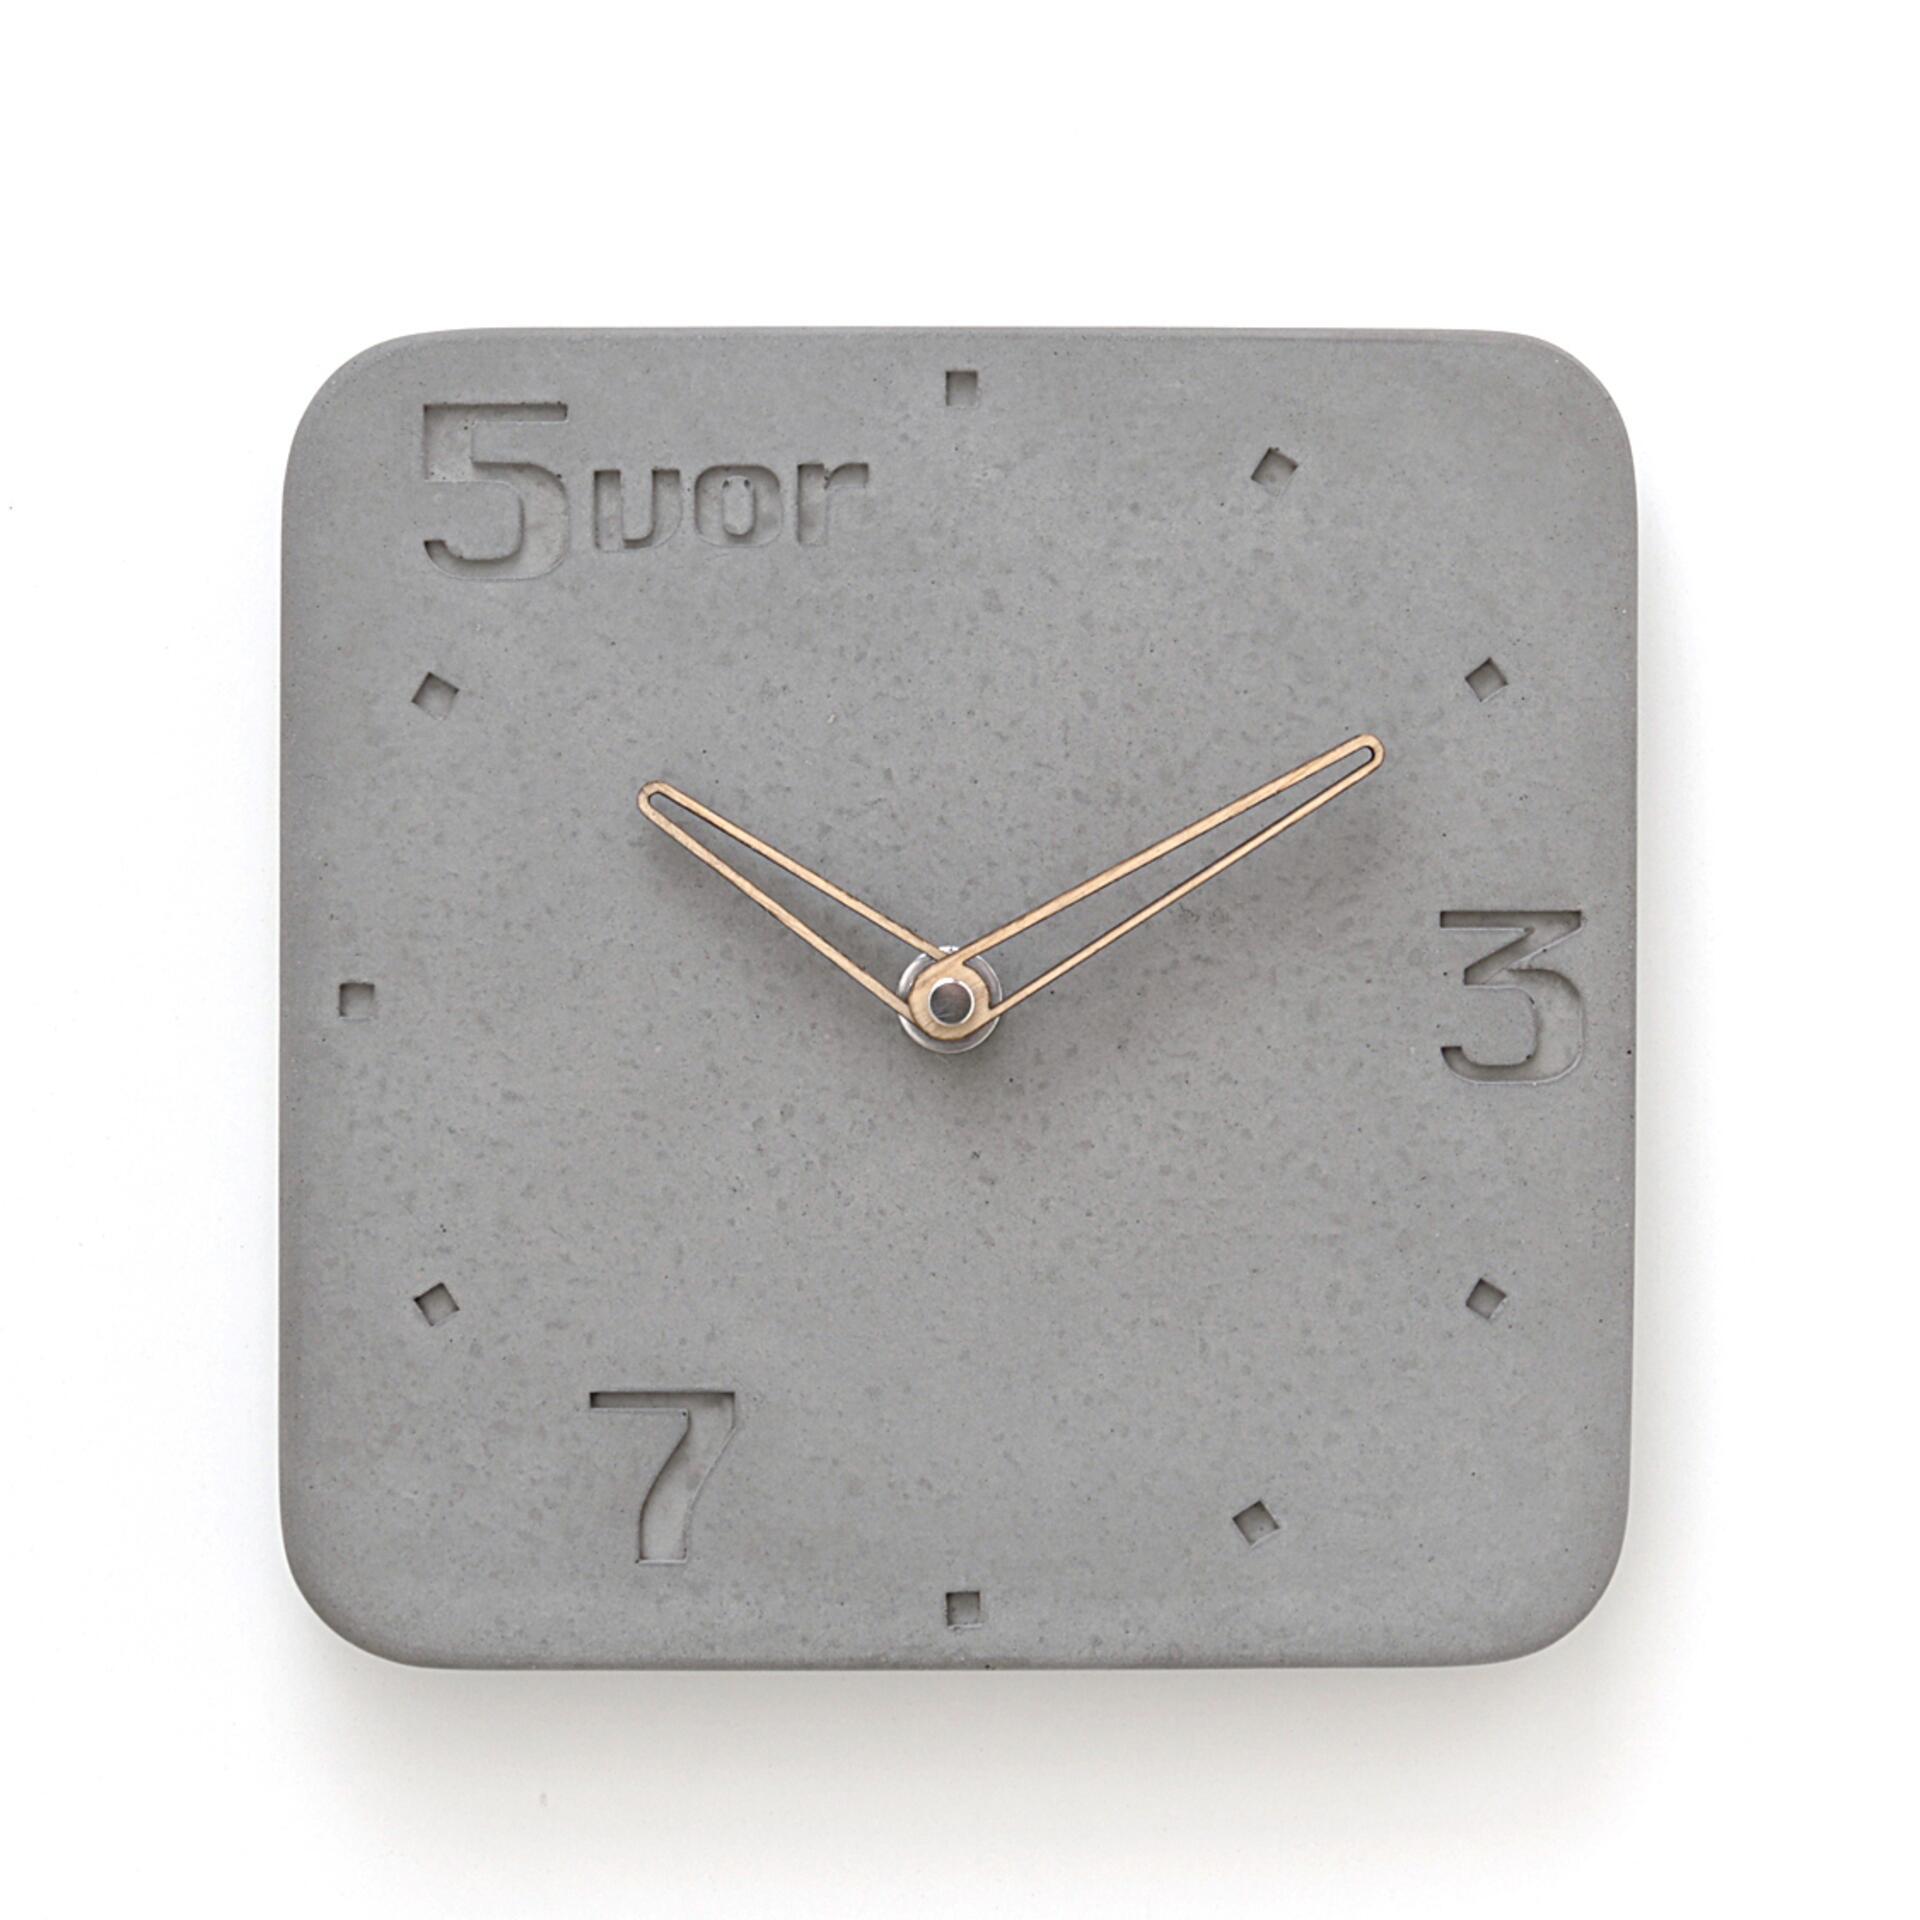 Wertwerke Designuhr aus Beton 5VOR Grau 30 x 30 cm Esche Rahmen